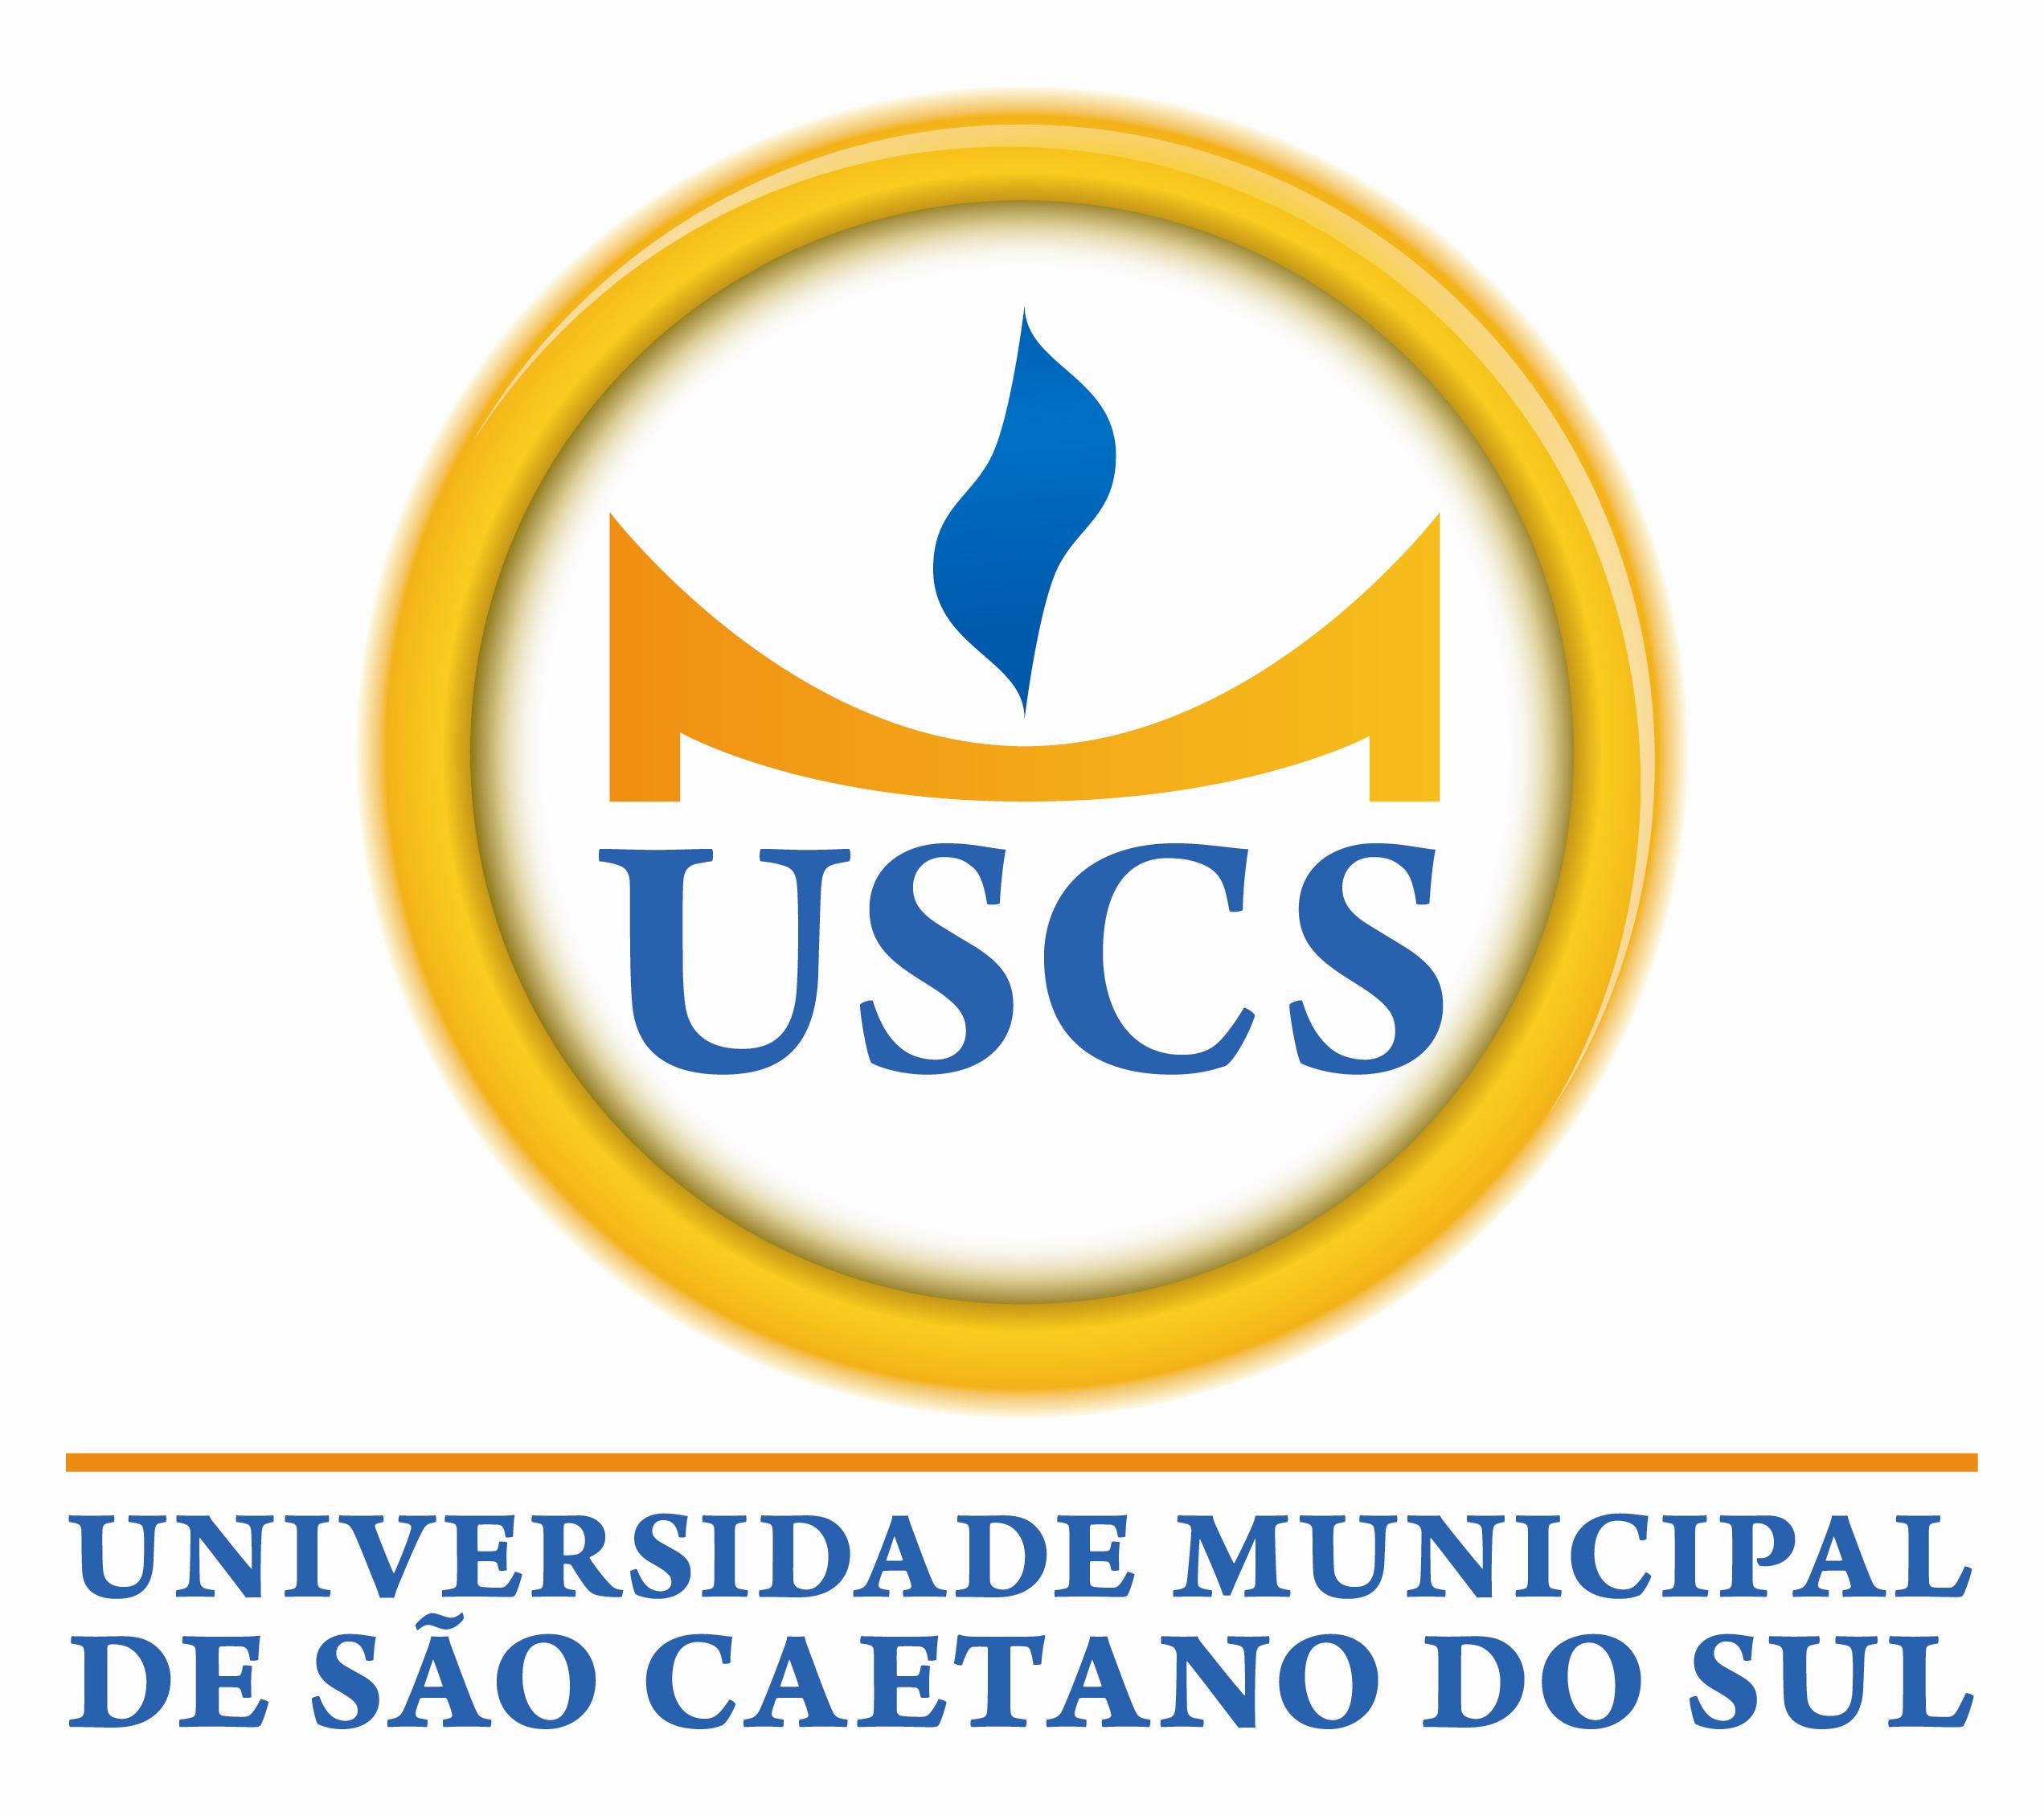 Universidade Municipal de São Caetano do Sul - USCS